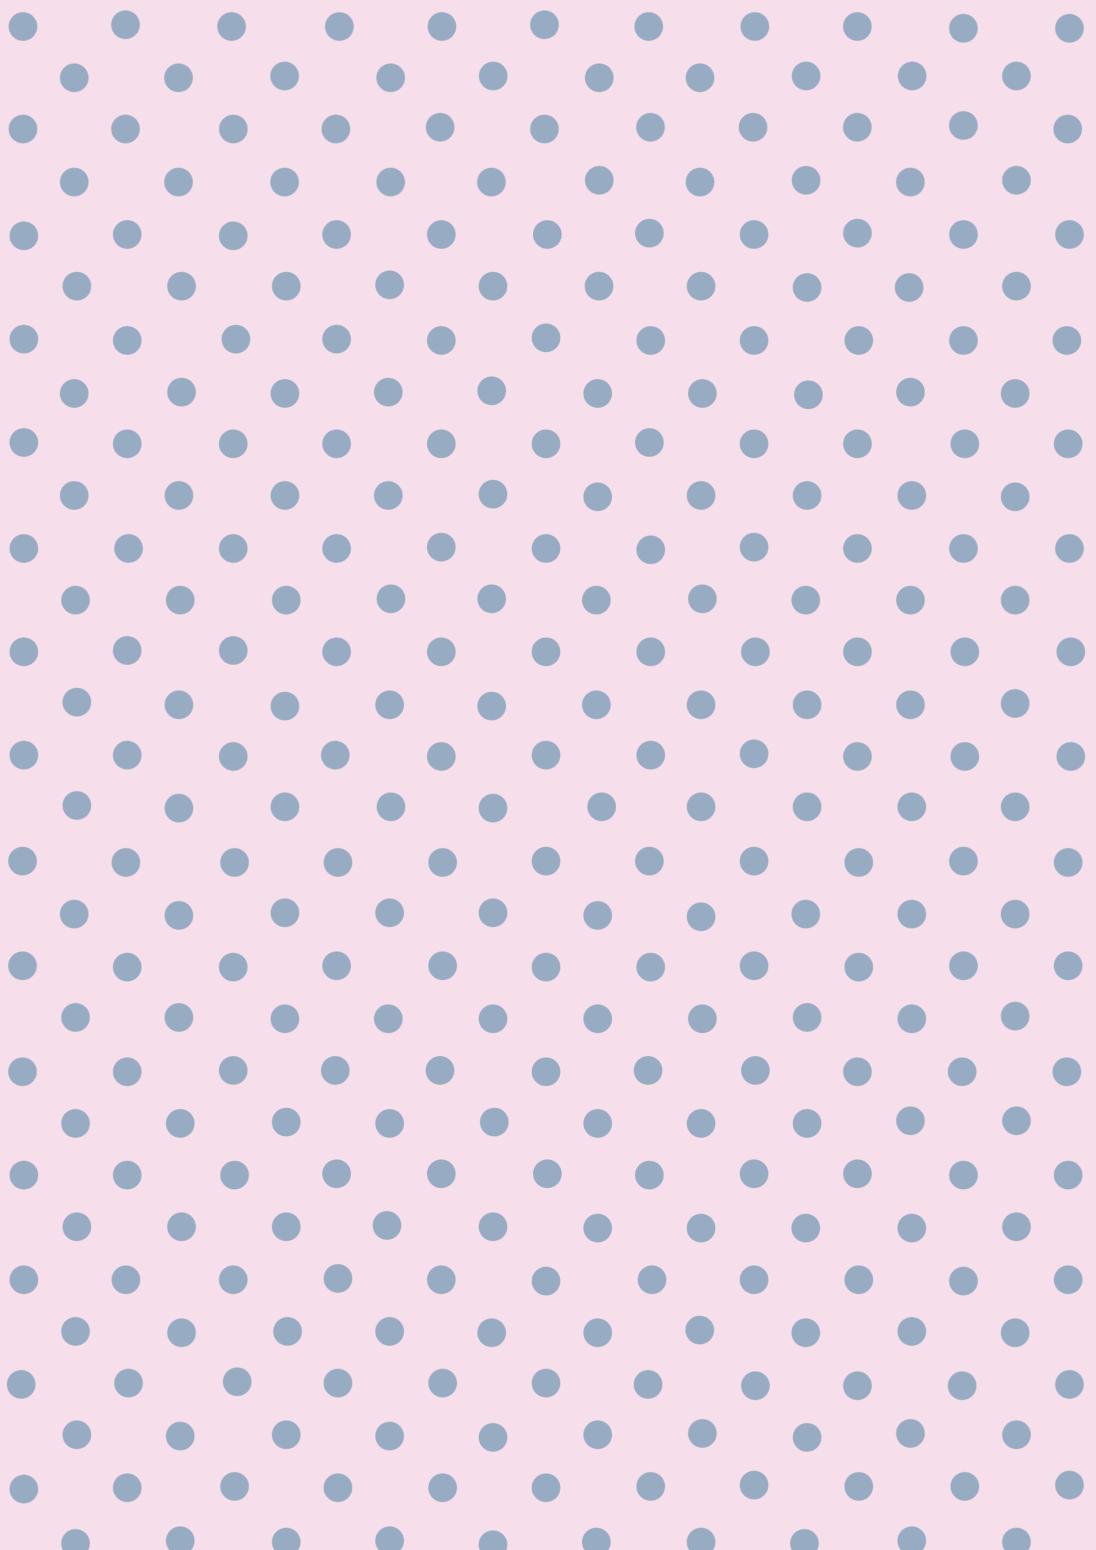 A4 Rose Bleu Sobres De Papel Papel Decorado Para Imprimir Imprimibles Scrapbook